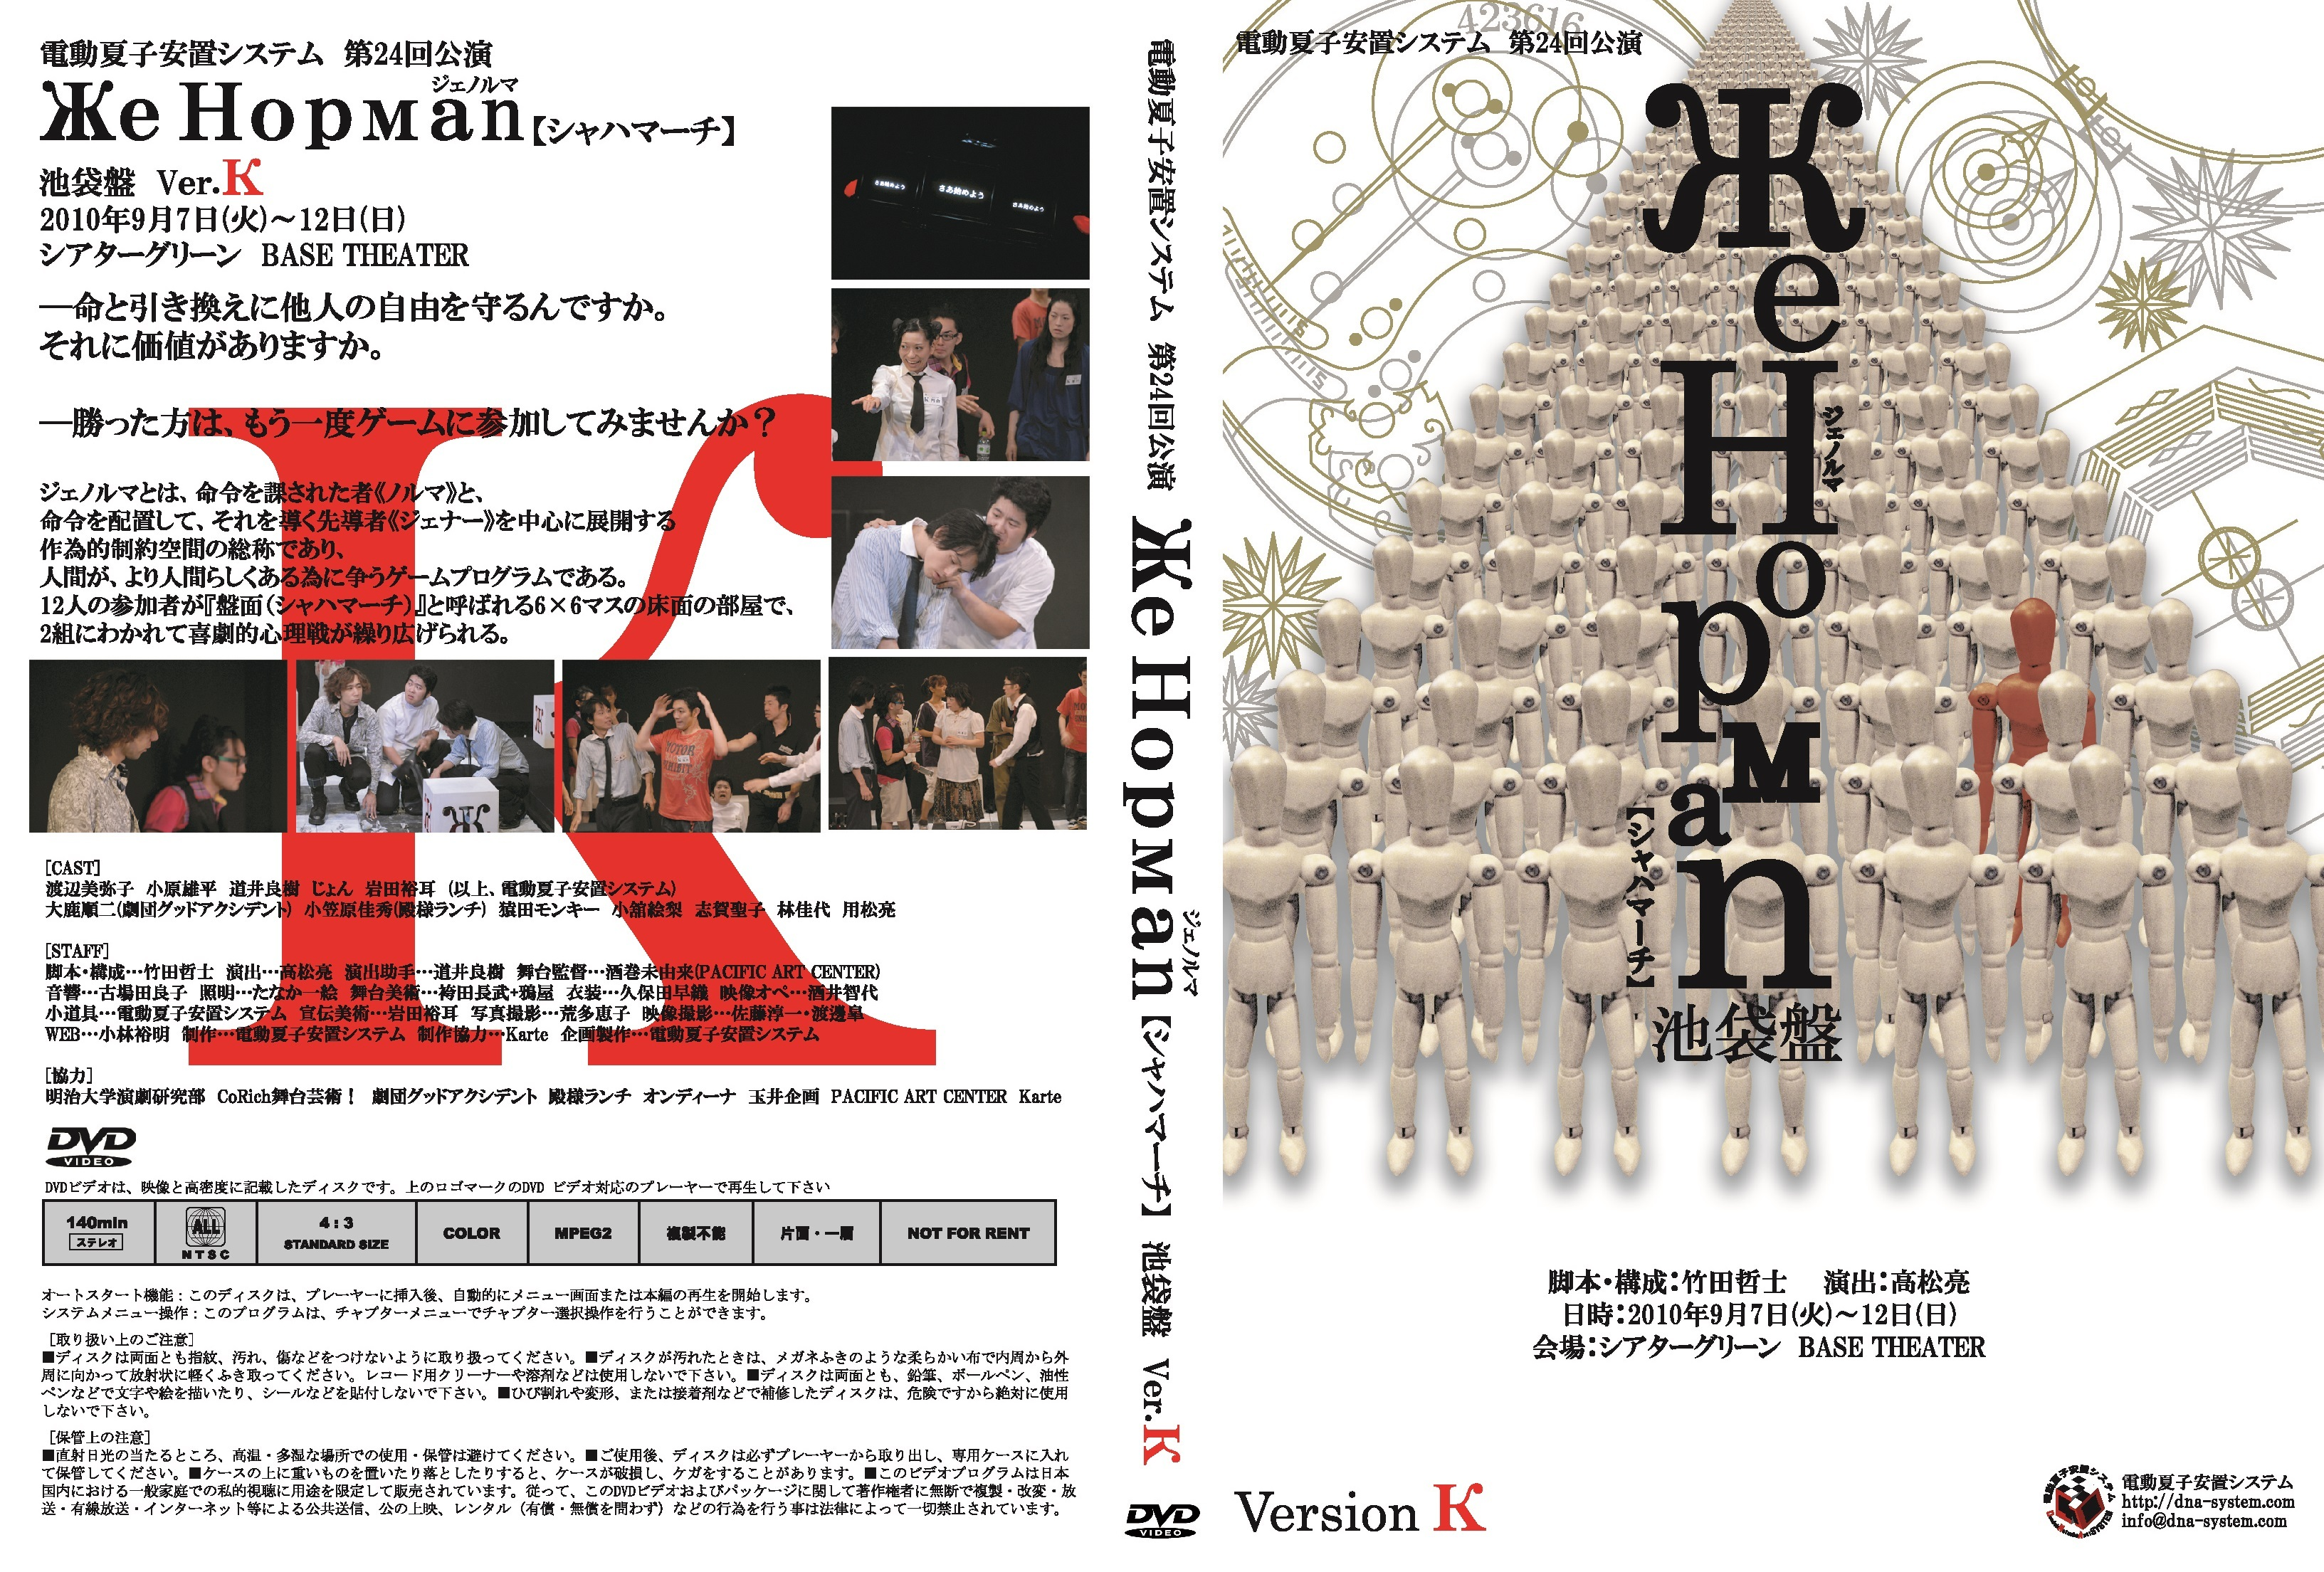 DVD 第24回公演『ЖeНoрмаn~シャハマーチ~【池袋盤】』(К ver.)